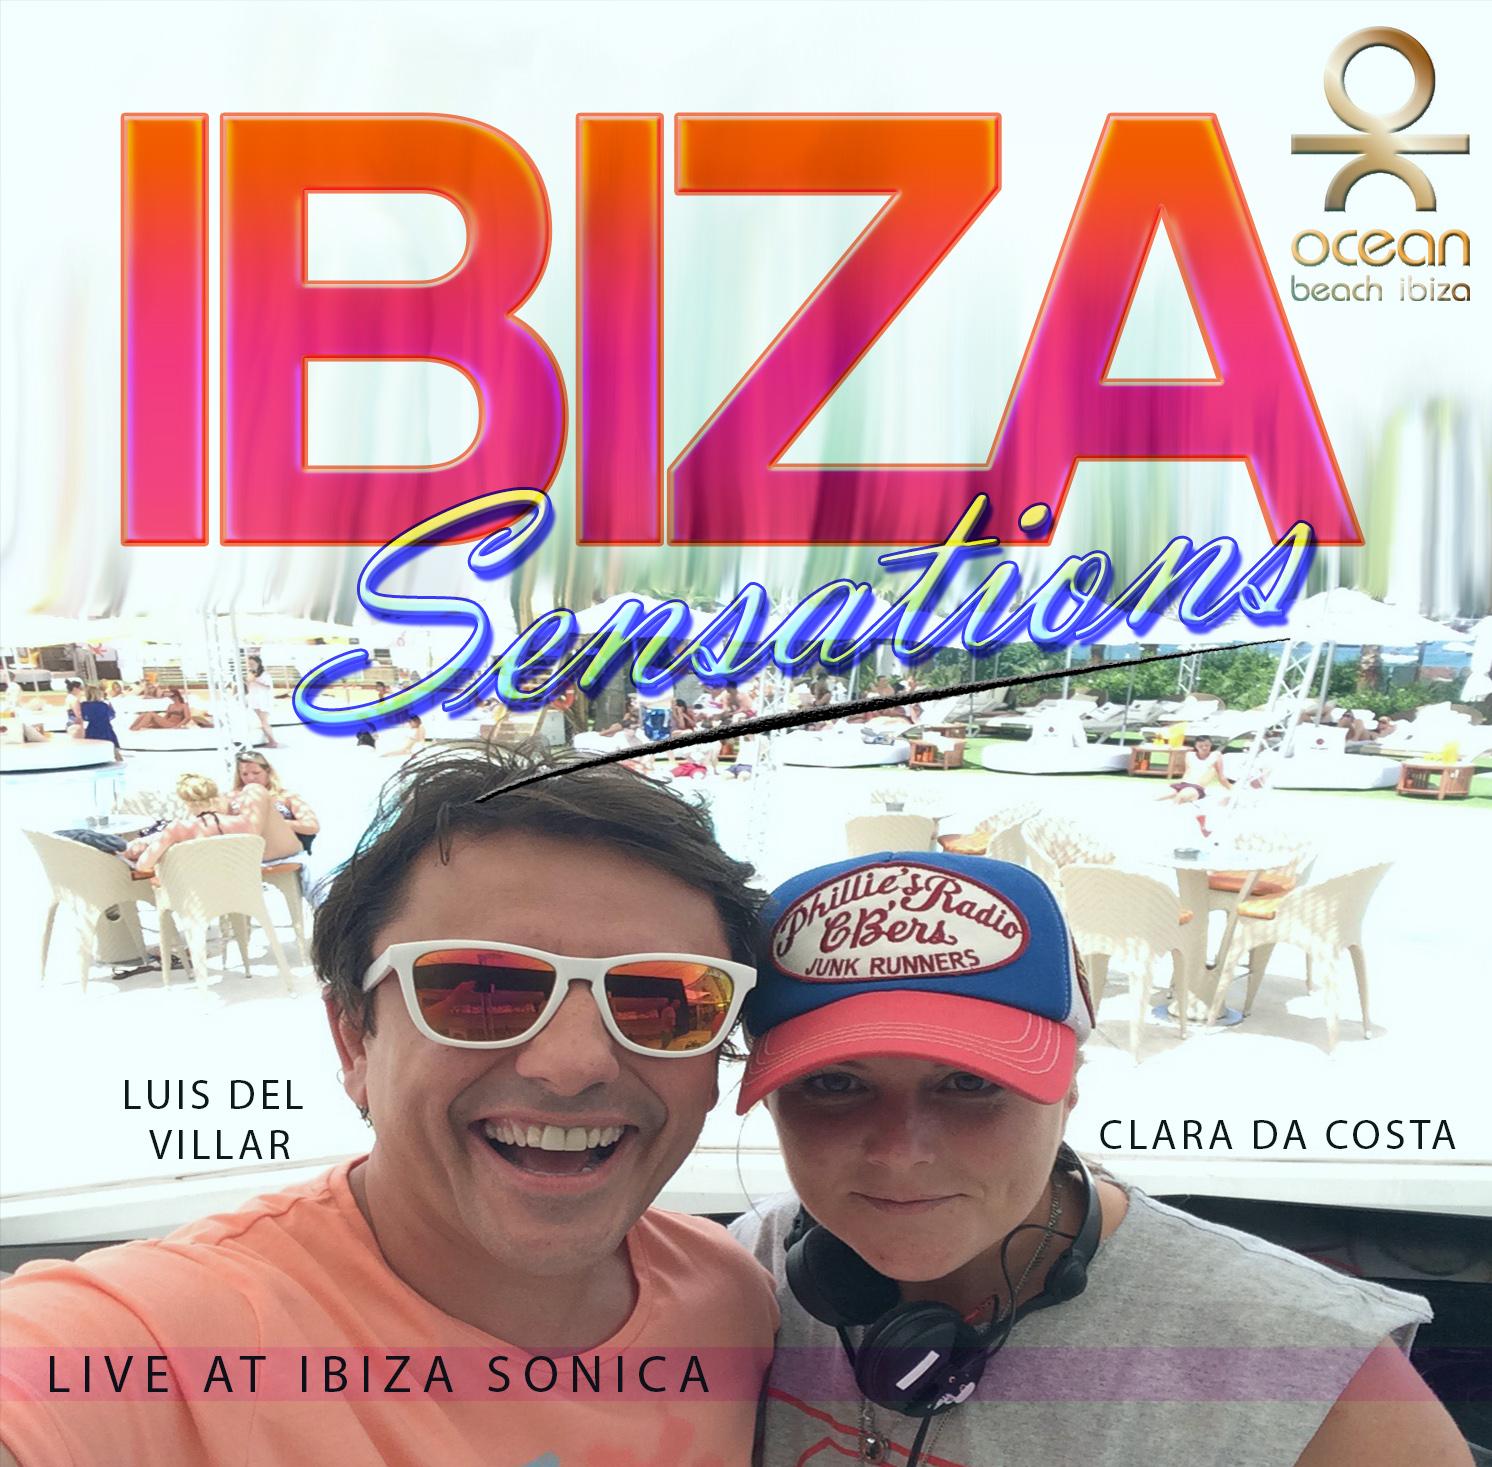 Artwork for Ibiza Sensations 101 Clara da Costa & Luis del Villar Live at Ibiza Sonica